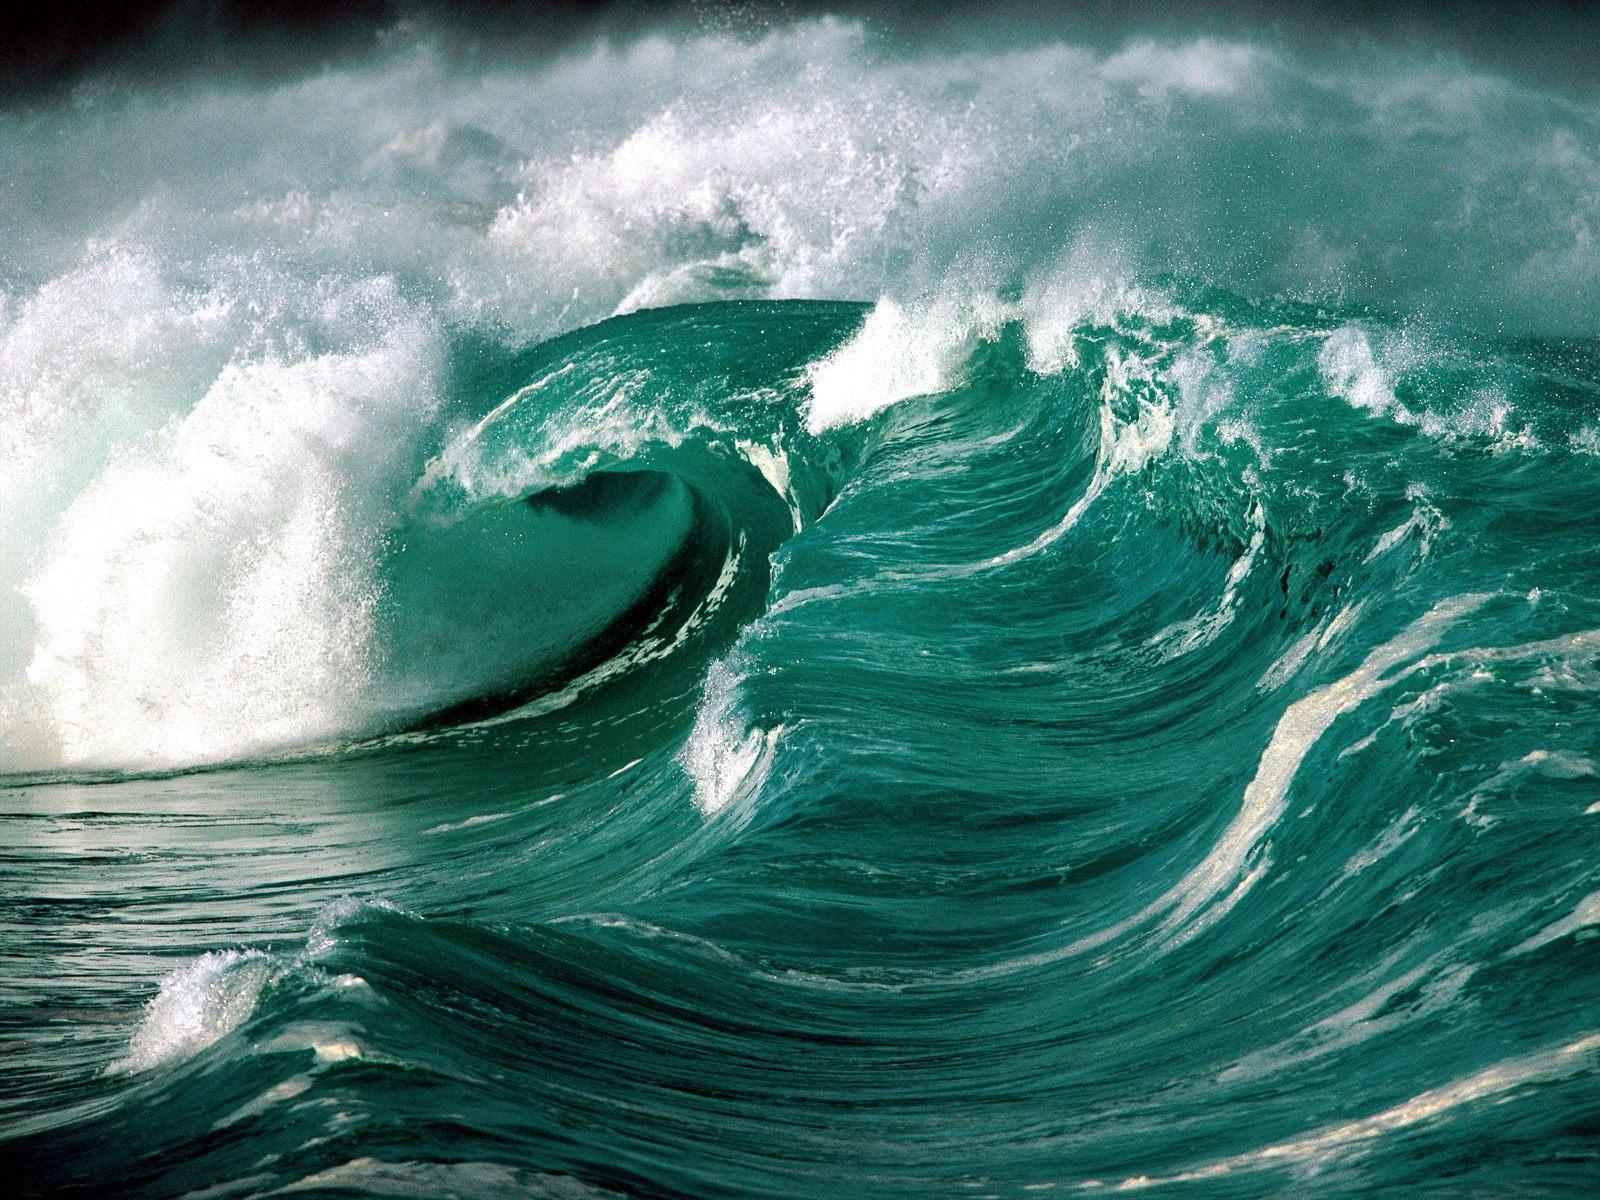 Tsunami waves on ocean free desktop background - free wallpaper image